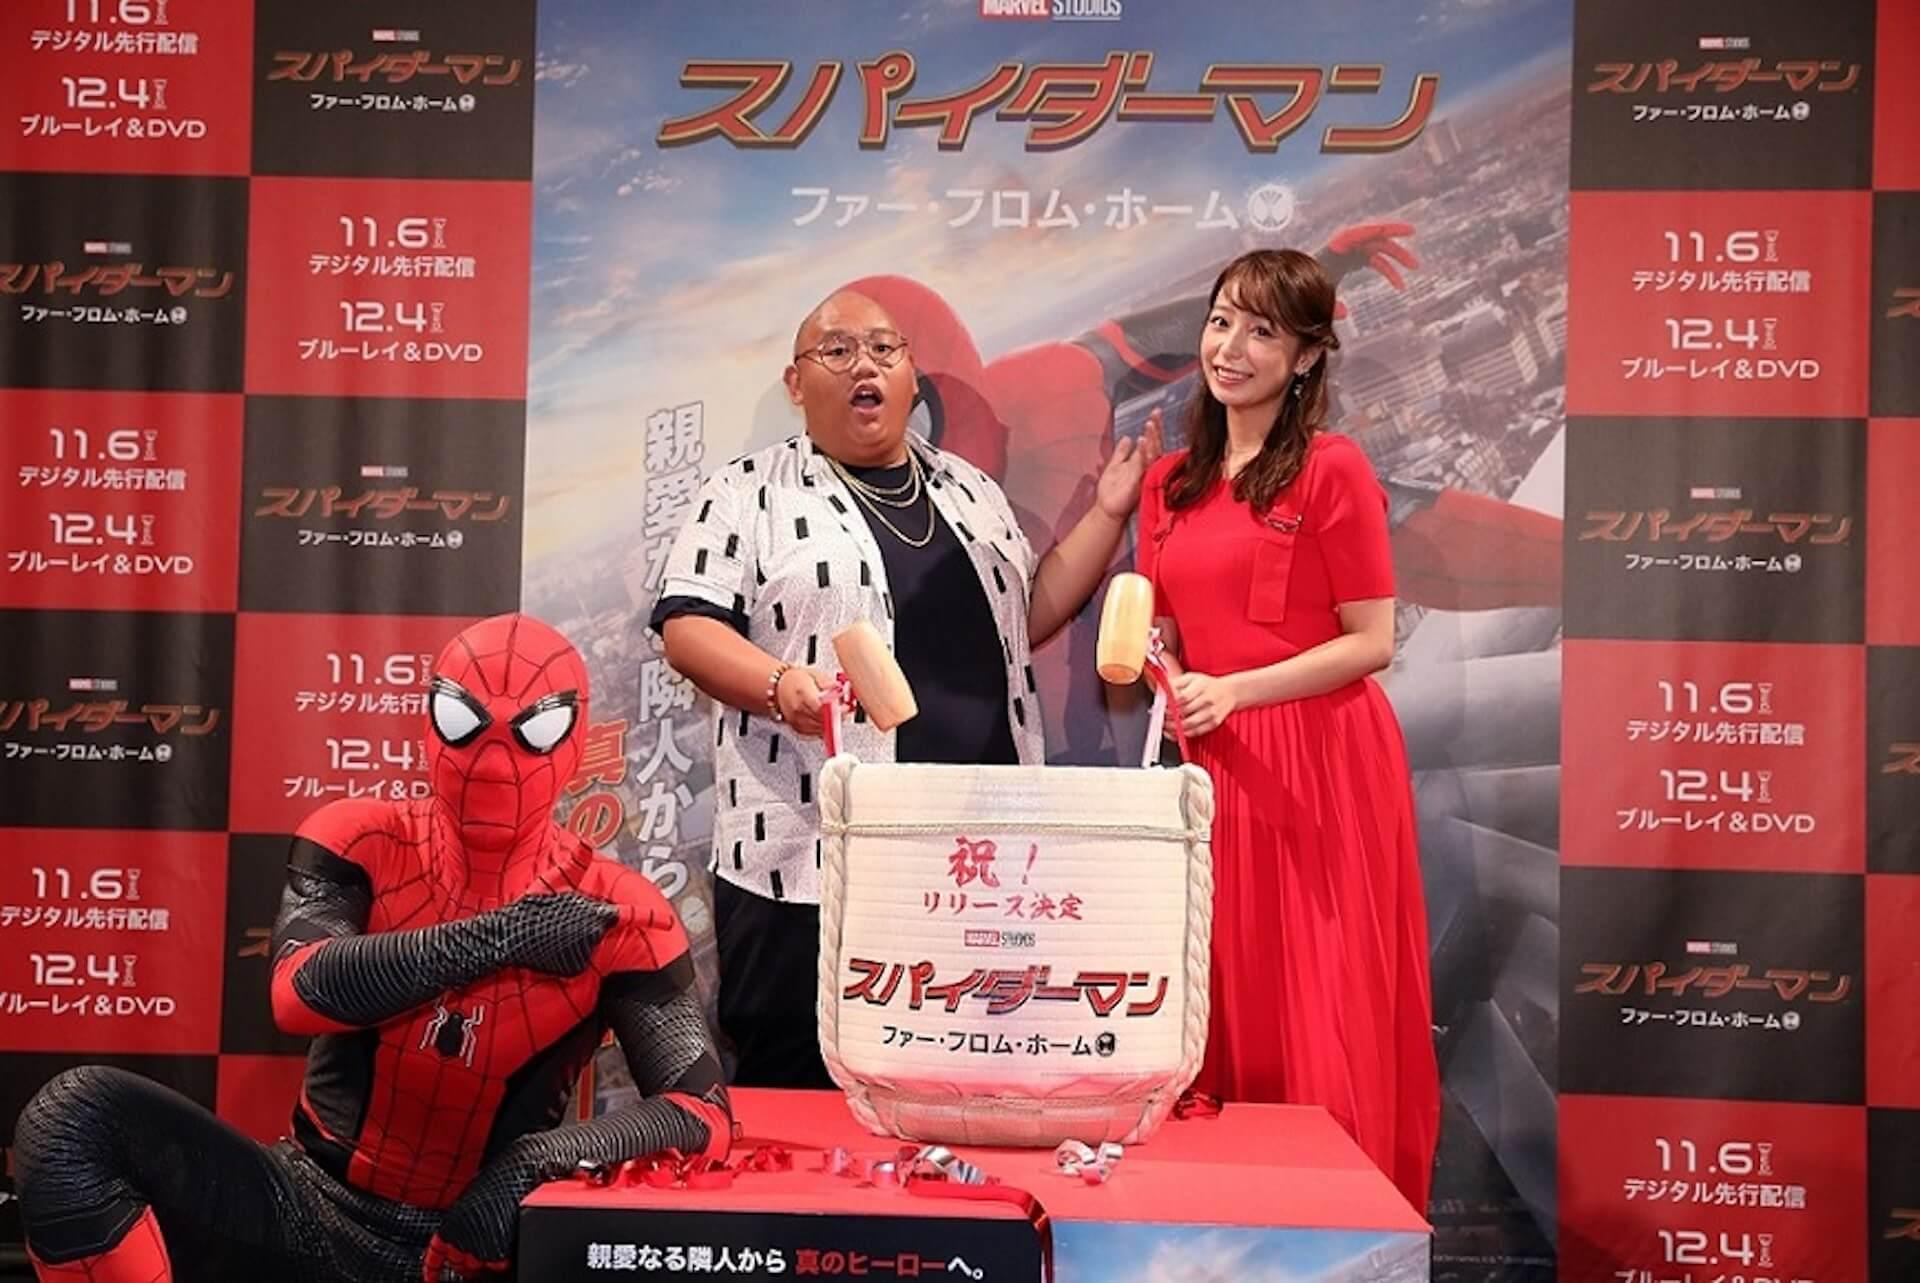 「スパイダーマン」の親友、ジェイコブ・バタロンが初来日!宇垣美里と鏡開きでテンションMAX film190917_sffh_jacob_5